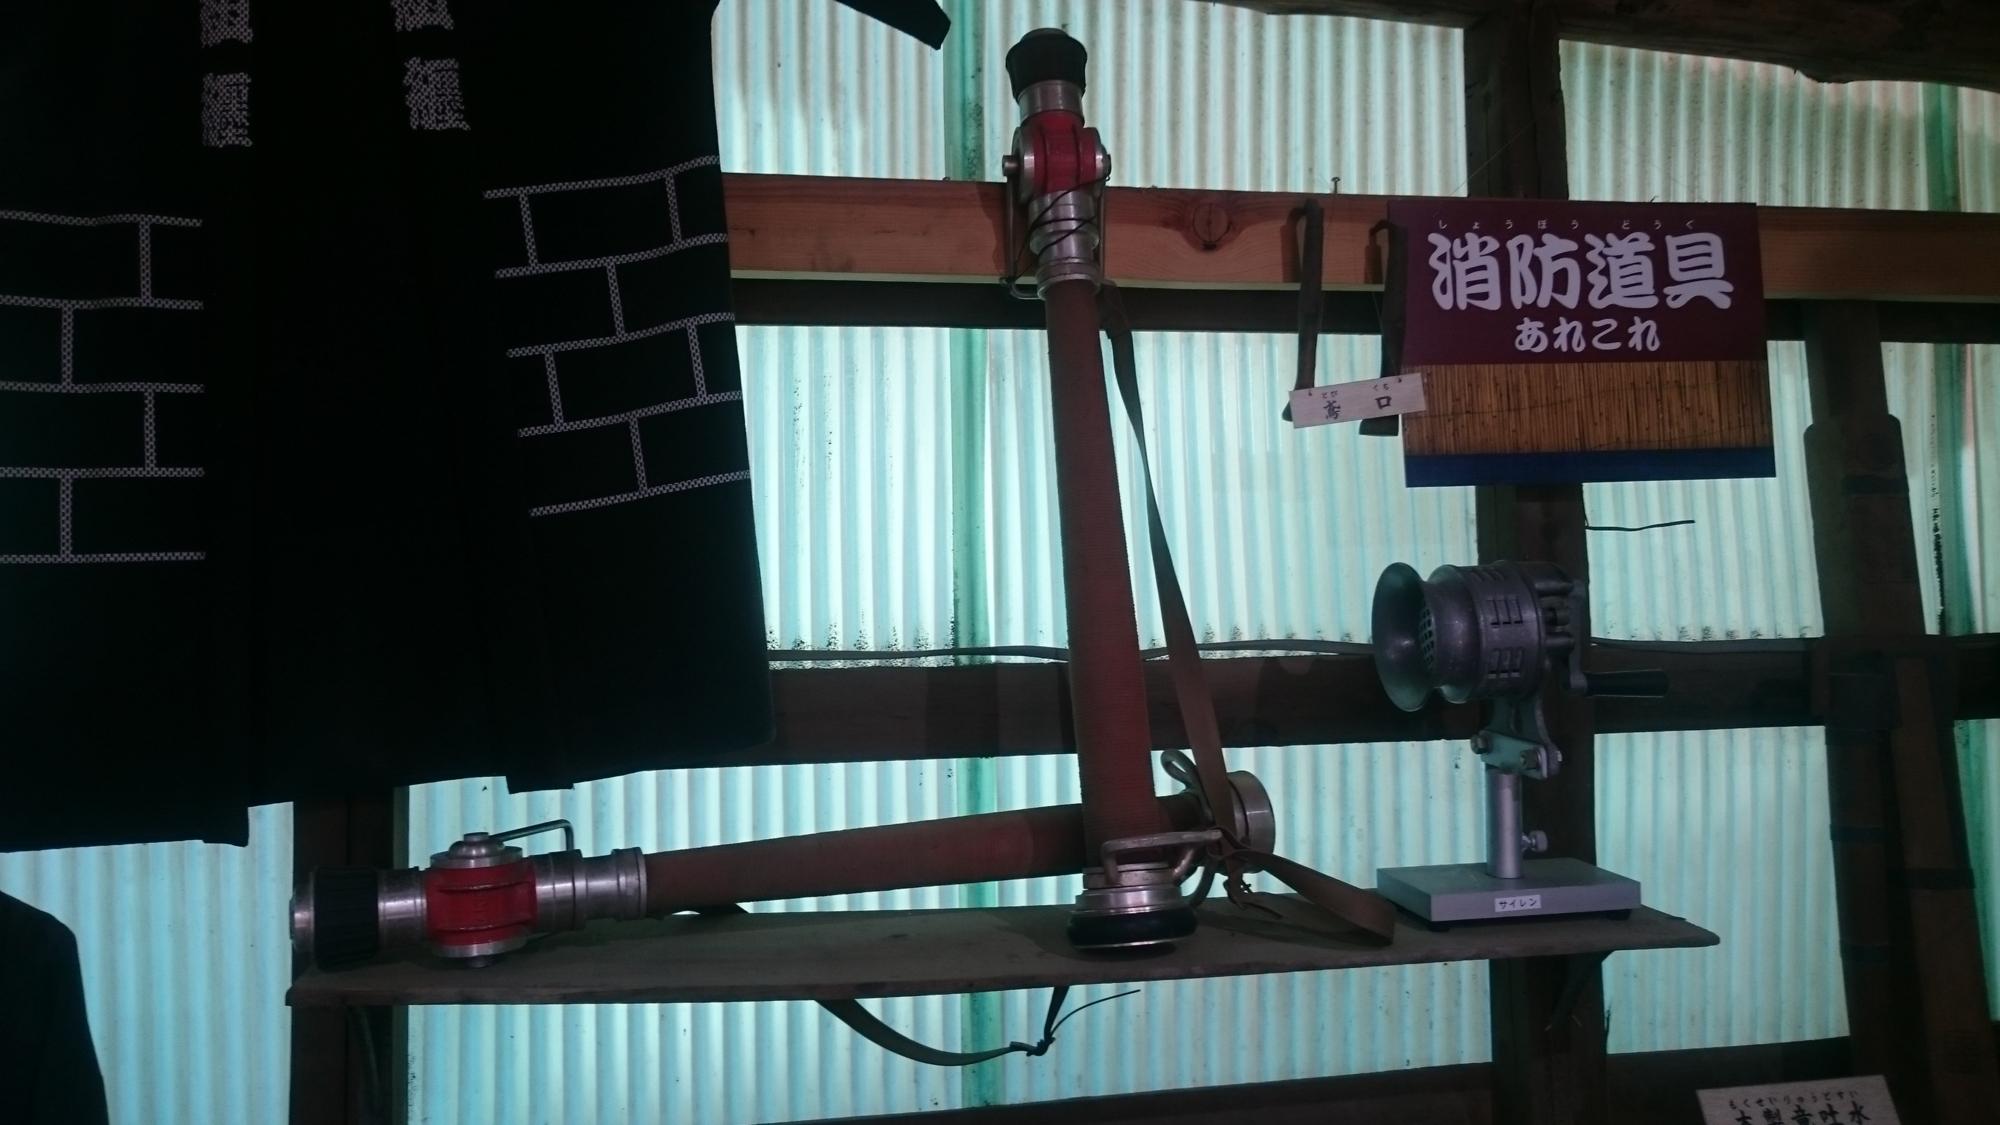 三富今昔村おもしろ館 消防道具あれこれ